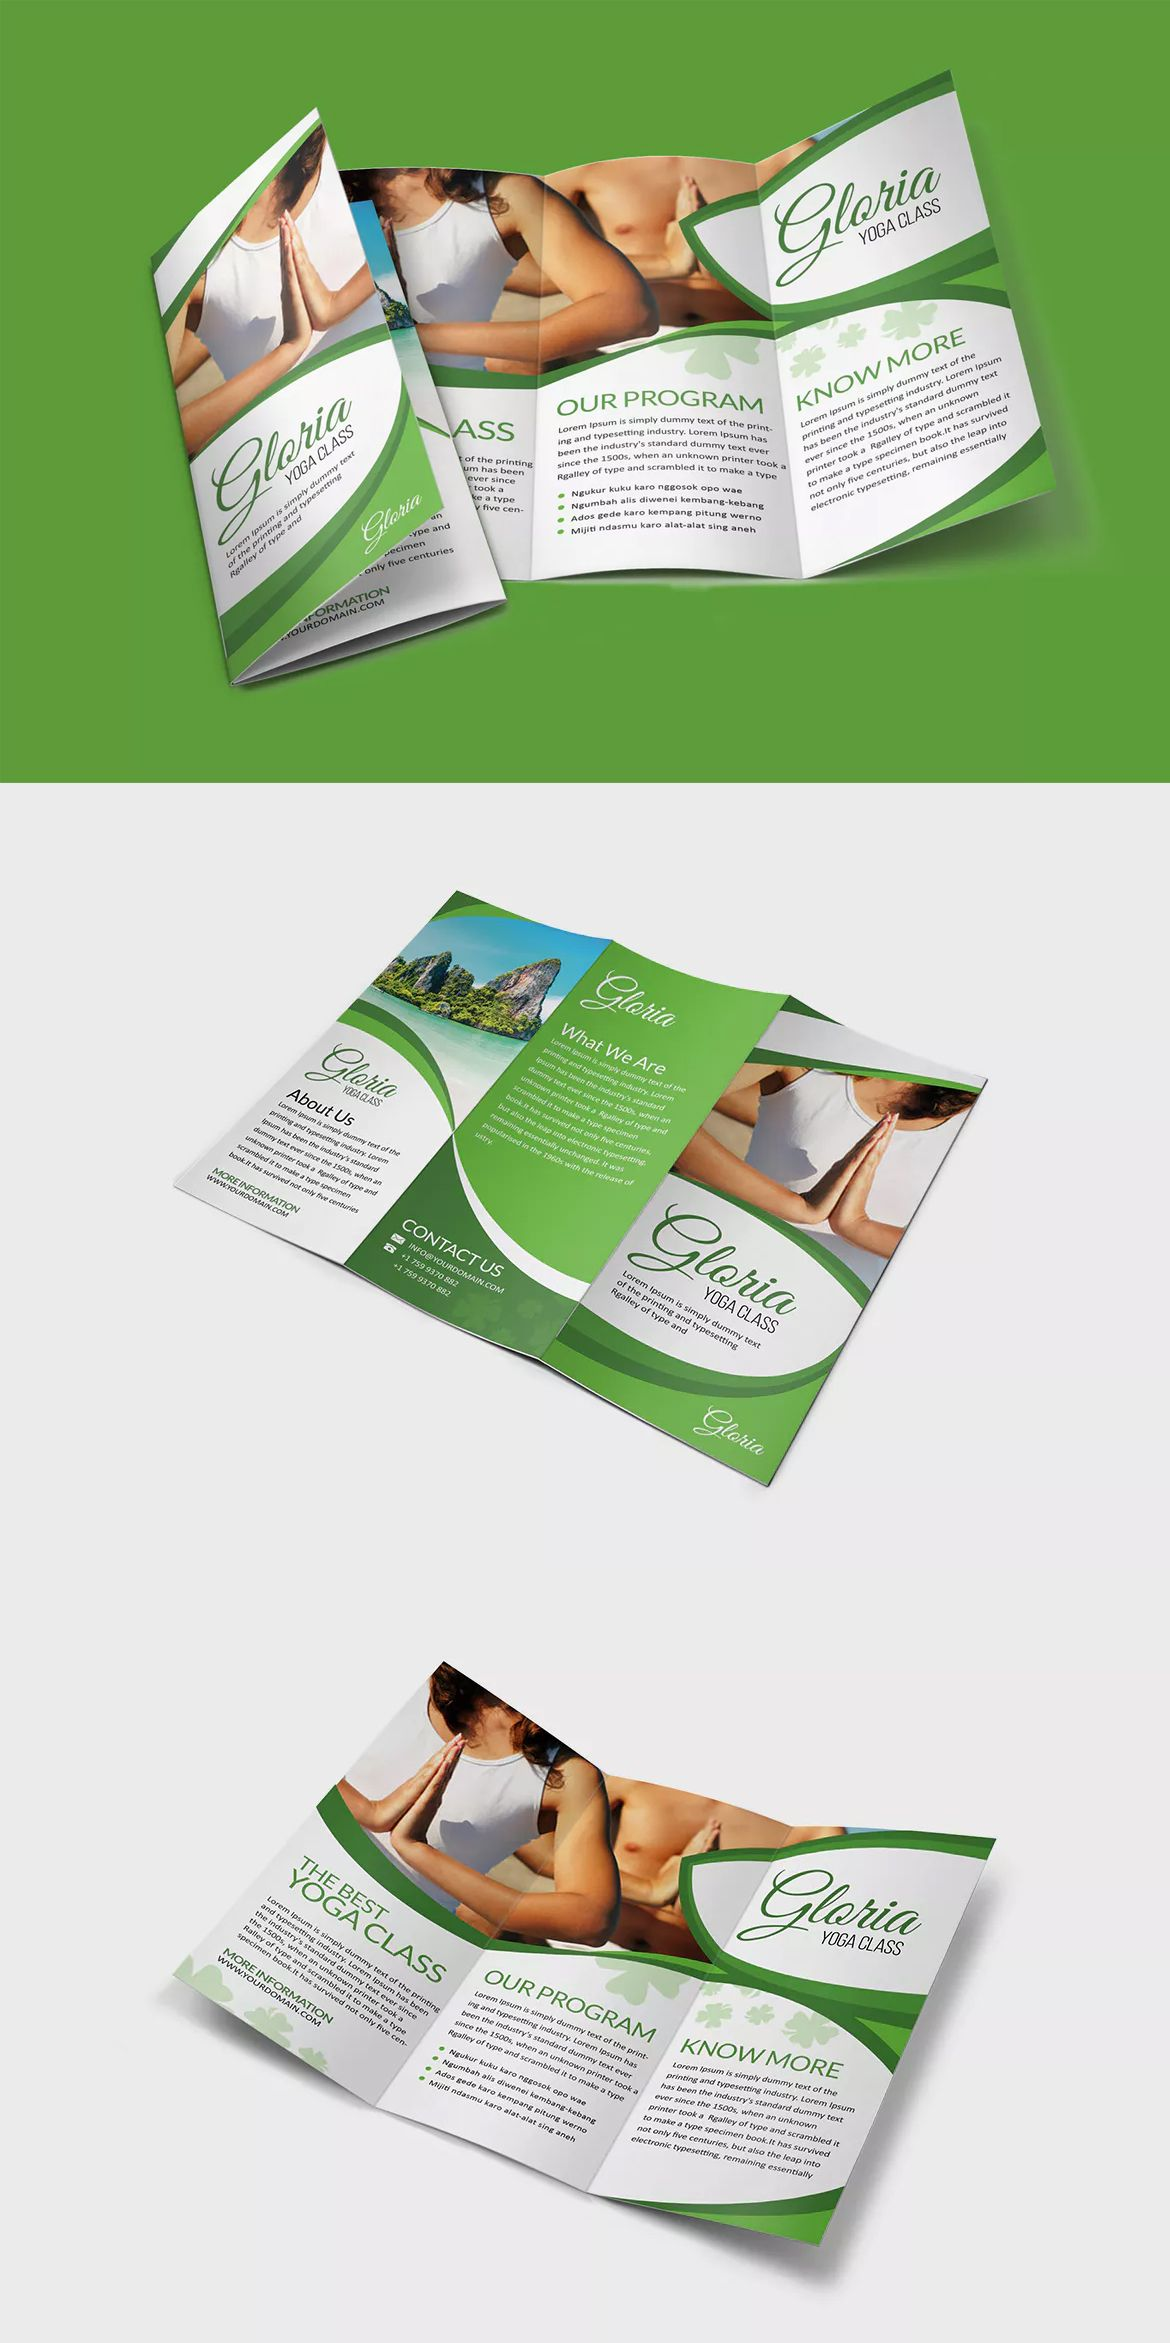 Yoga Class Brochure Template PSD | Brochure Design Templates | Pinterest